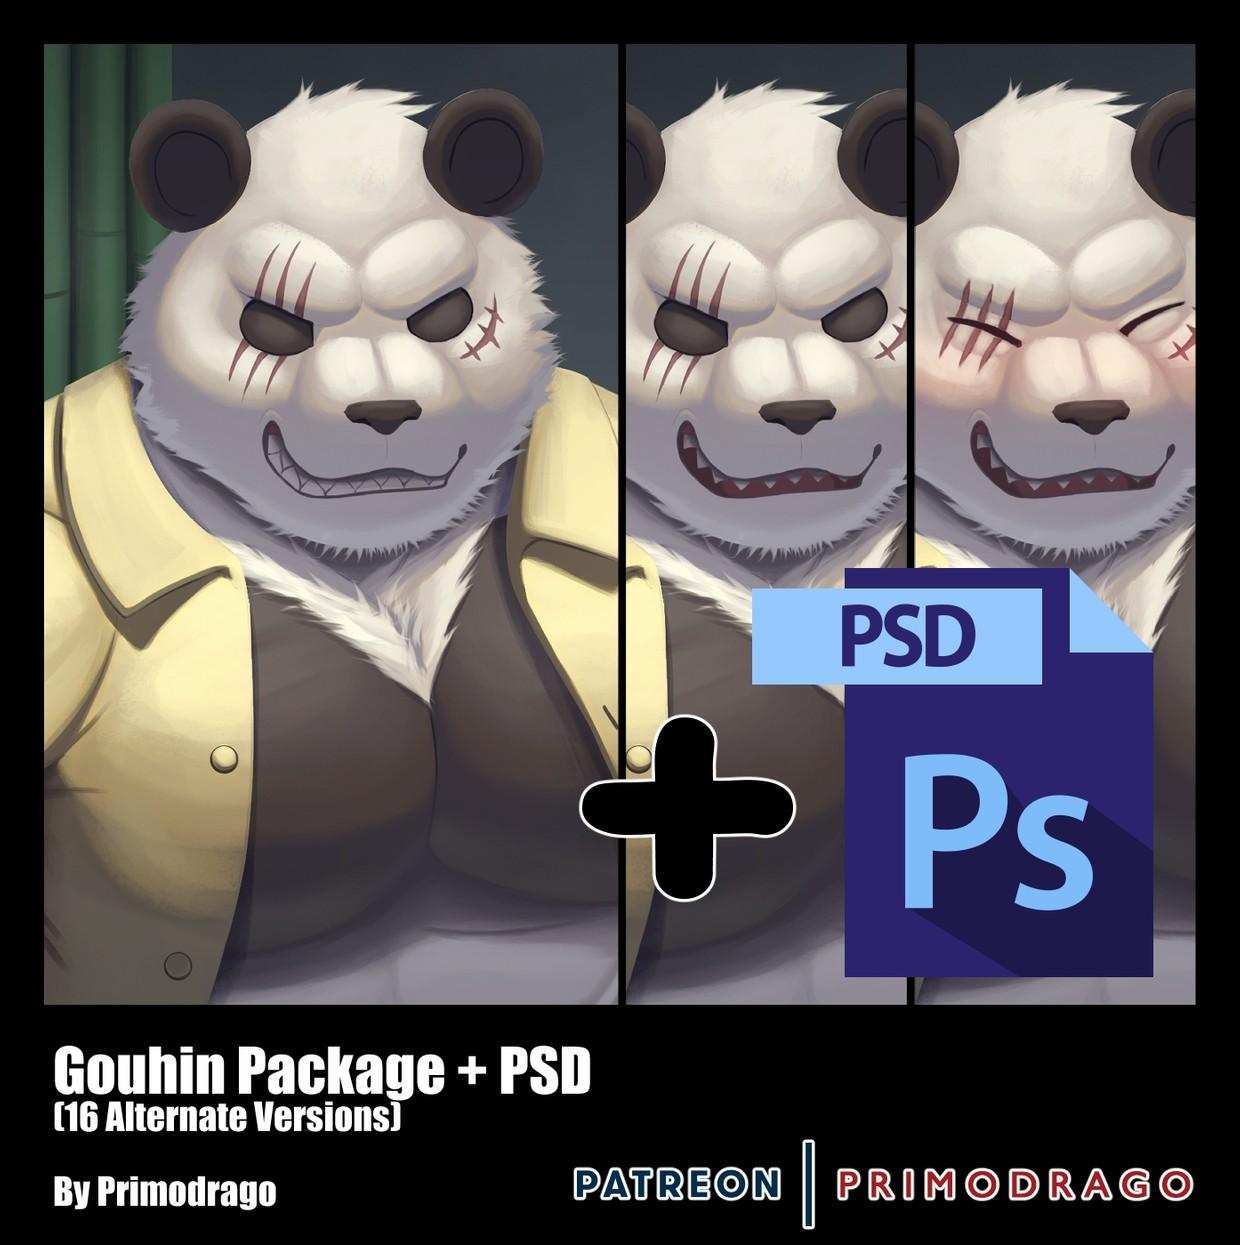 Gouhin Artpack + PSD File